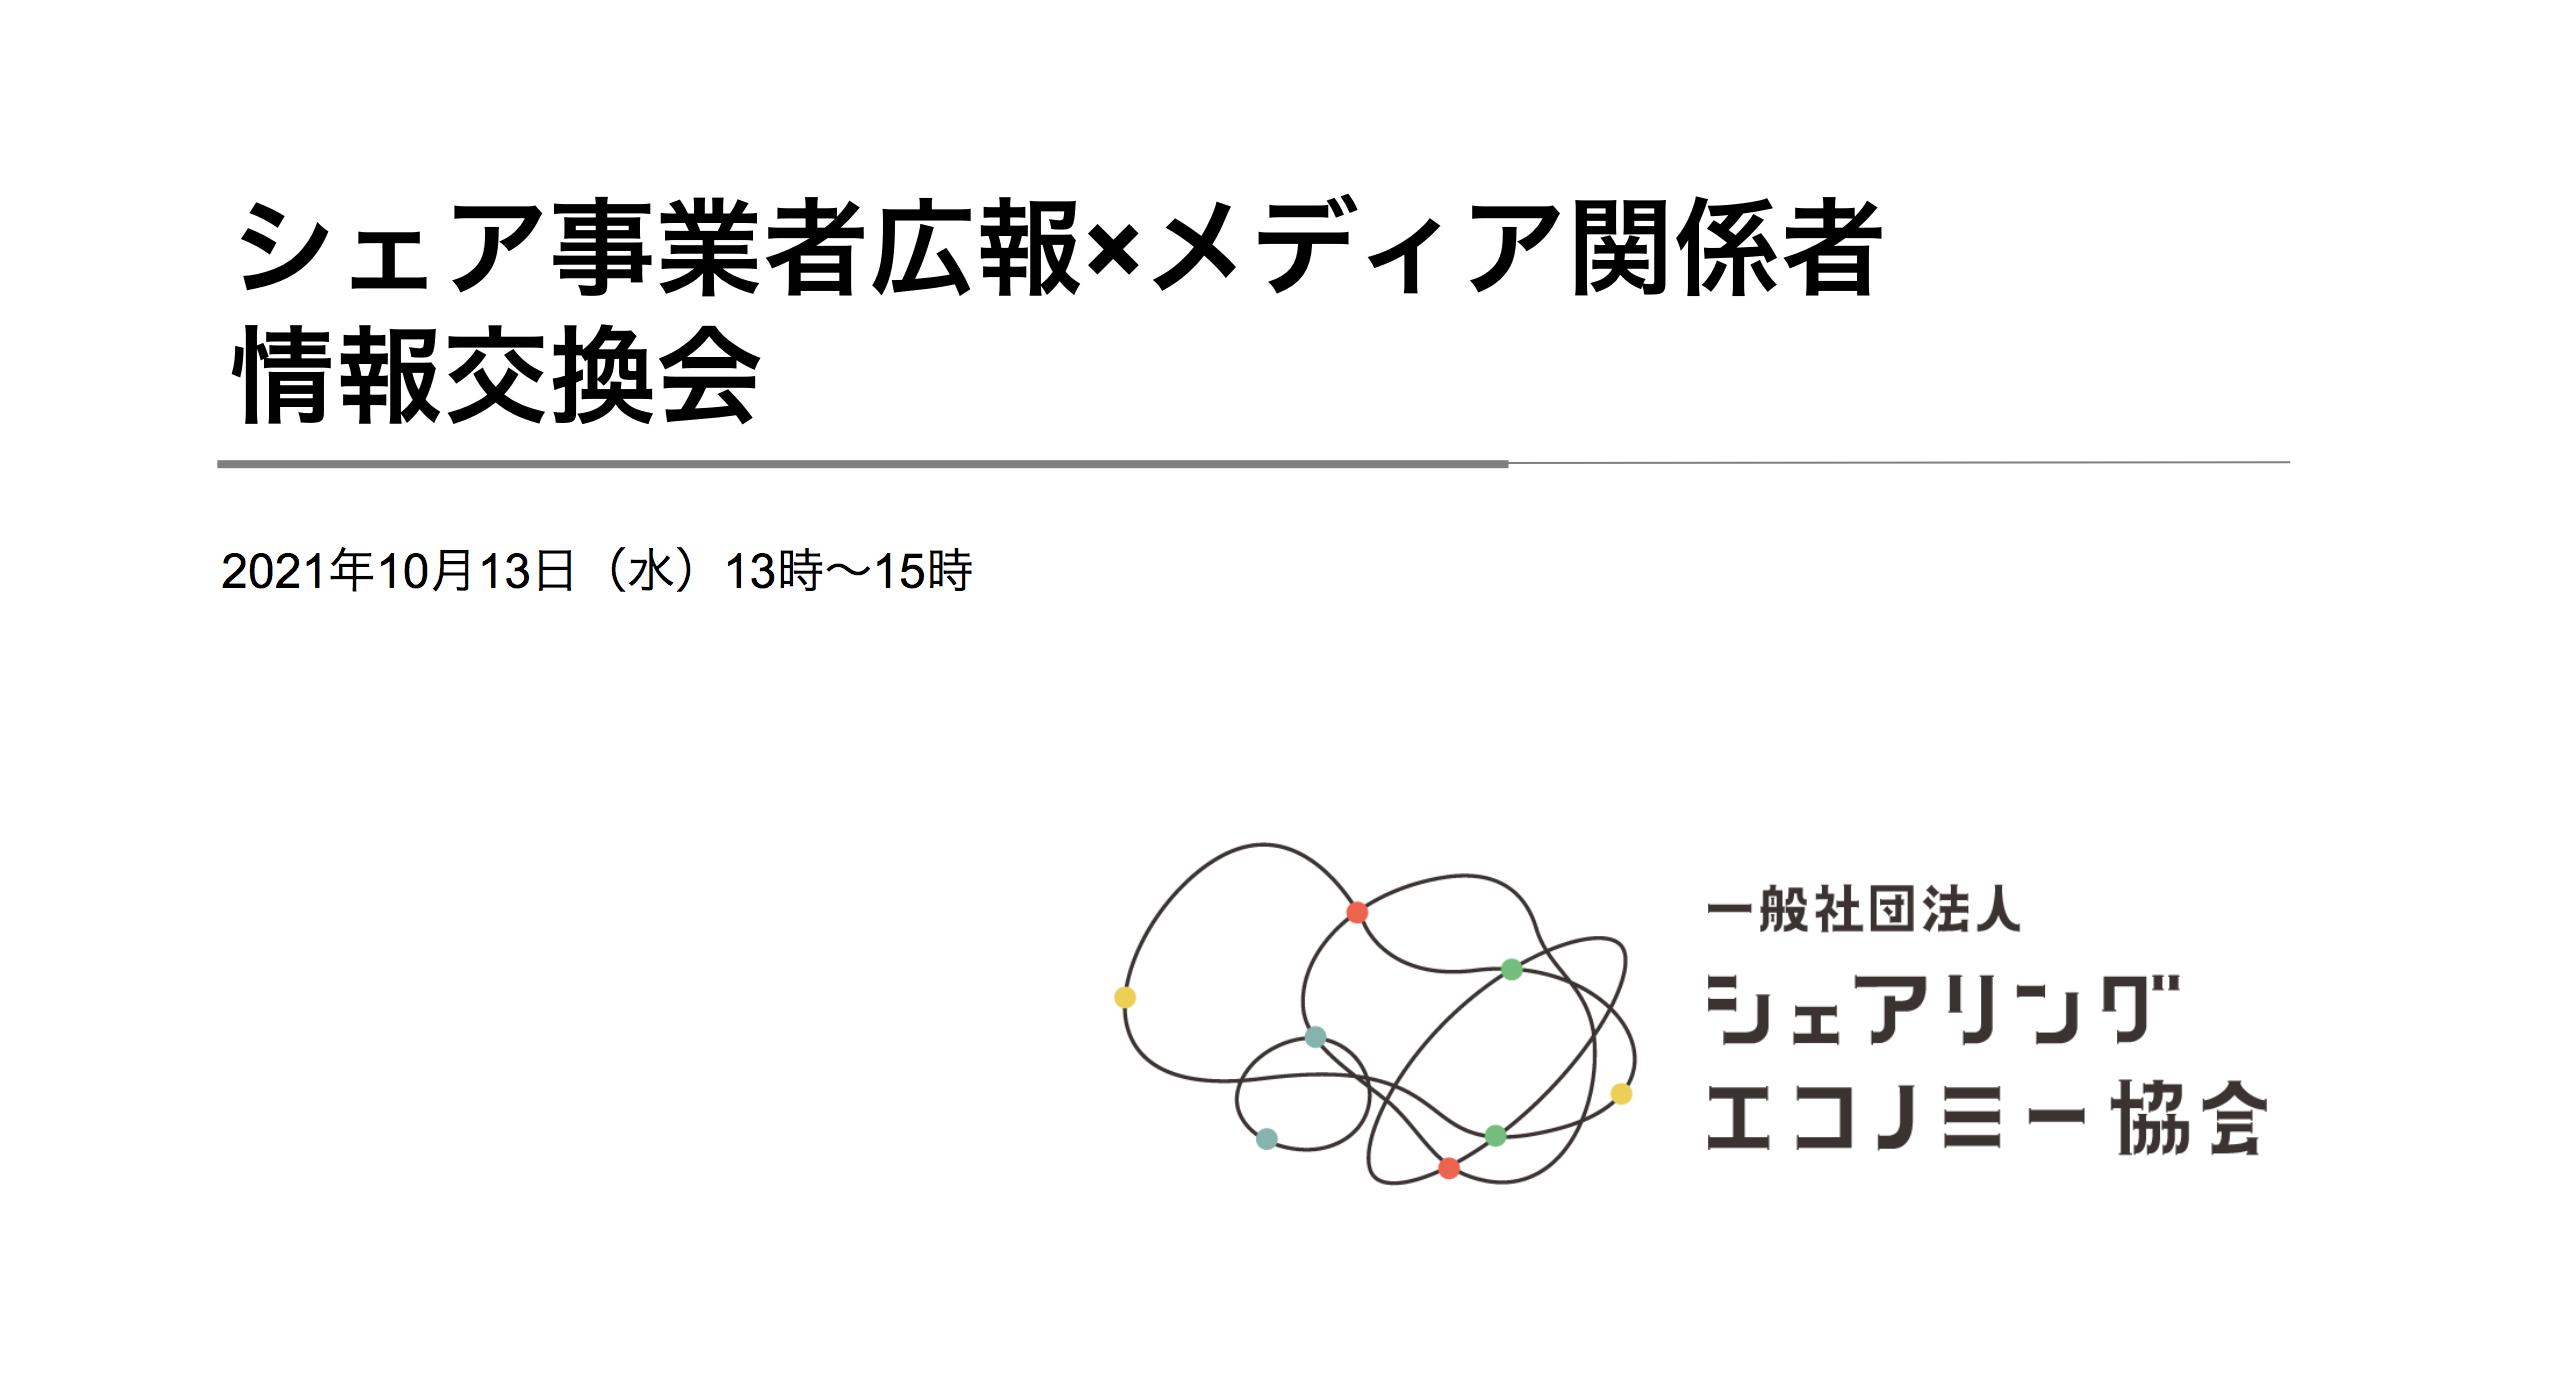 【開催レポート】シェア事業者広報 × メディア関係者 との 情報交換会を行いました